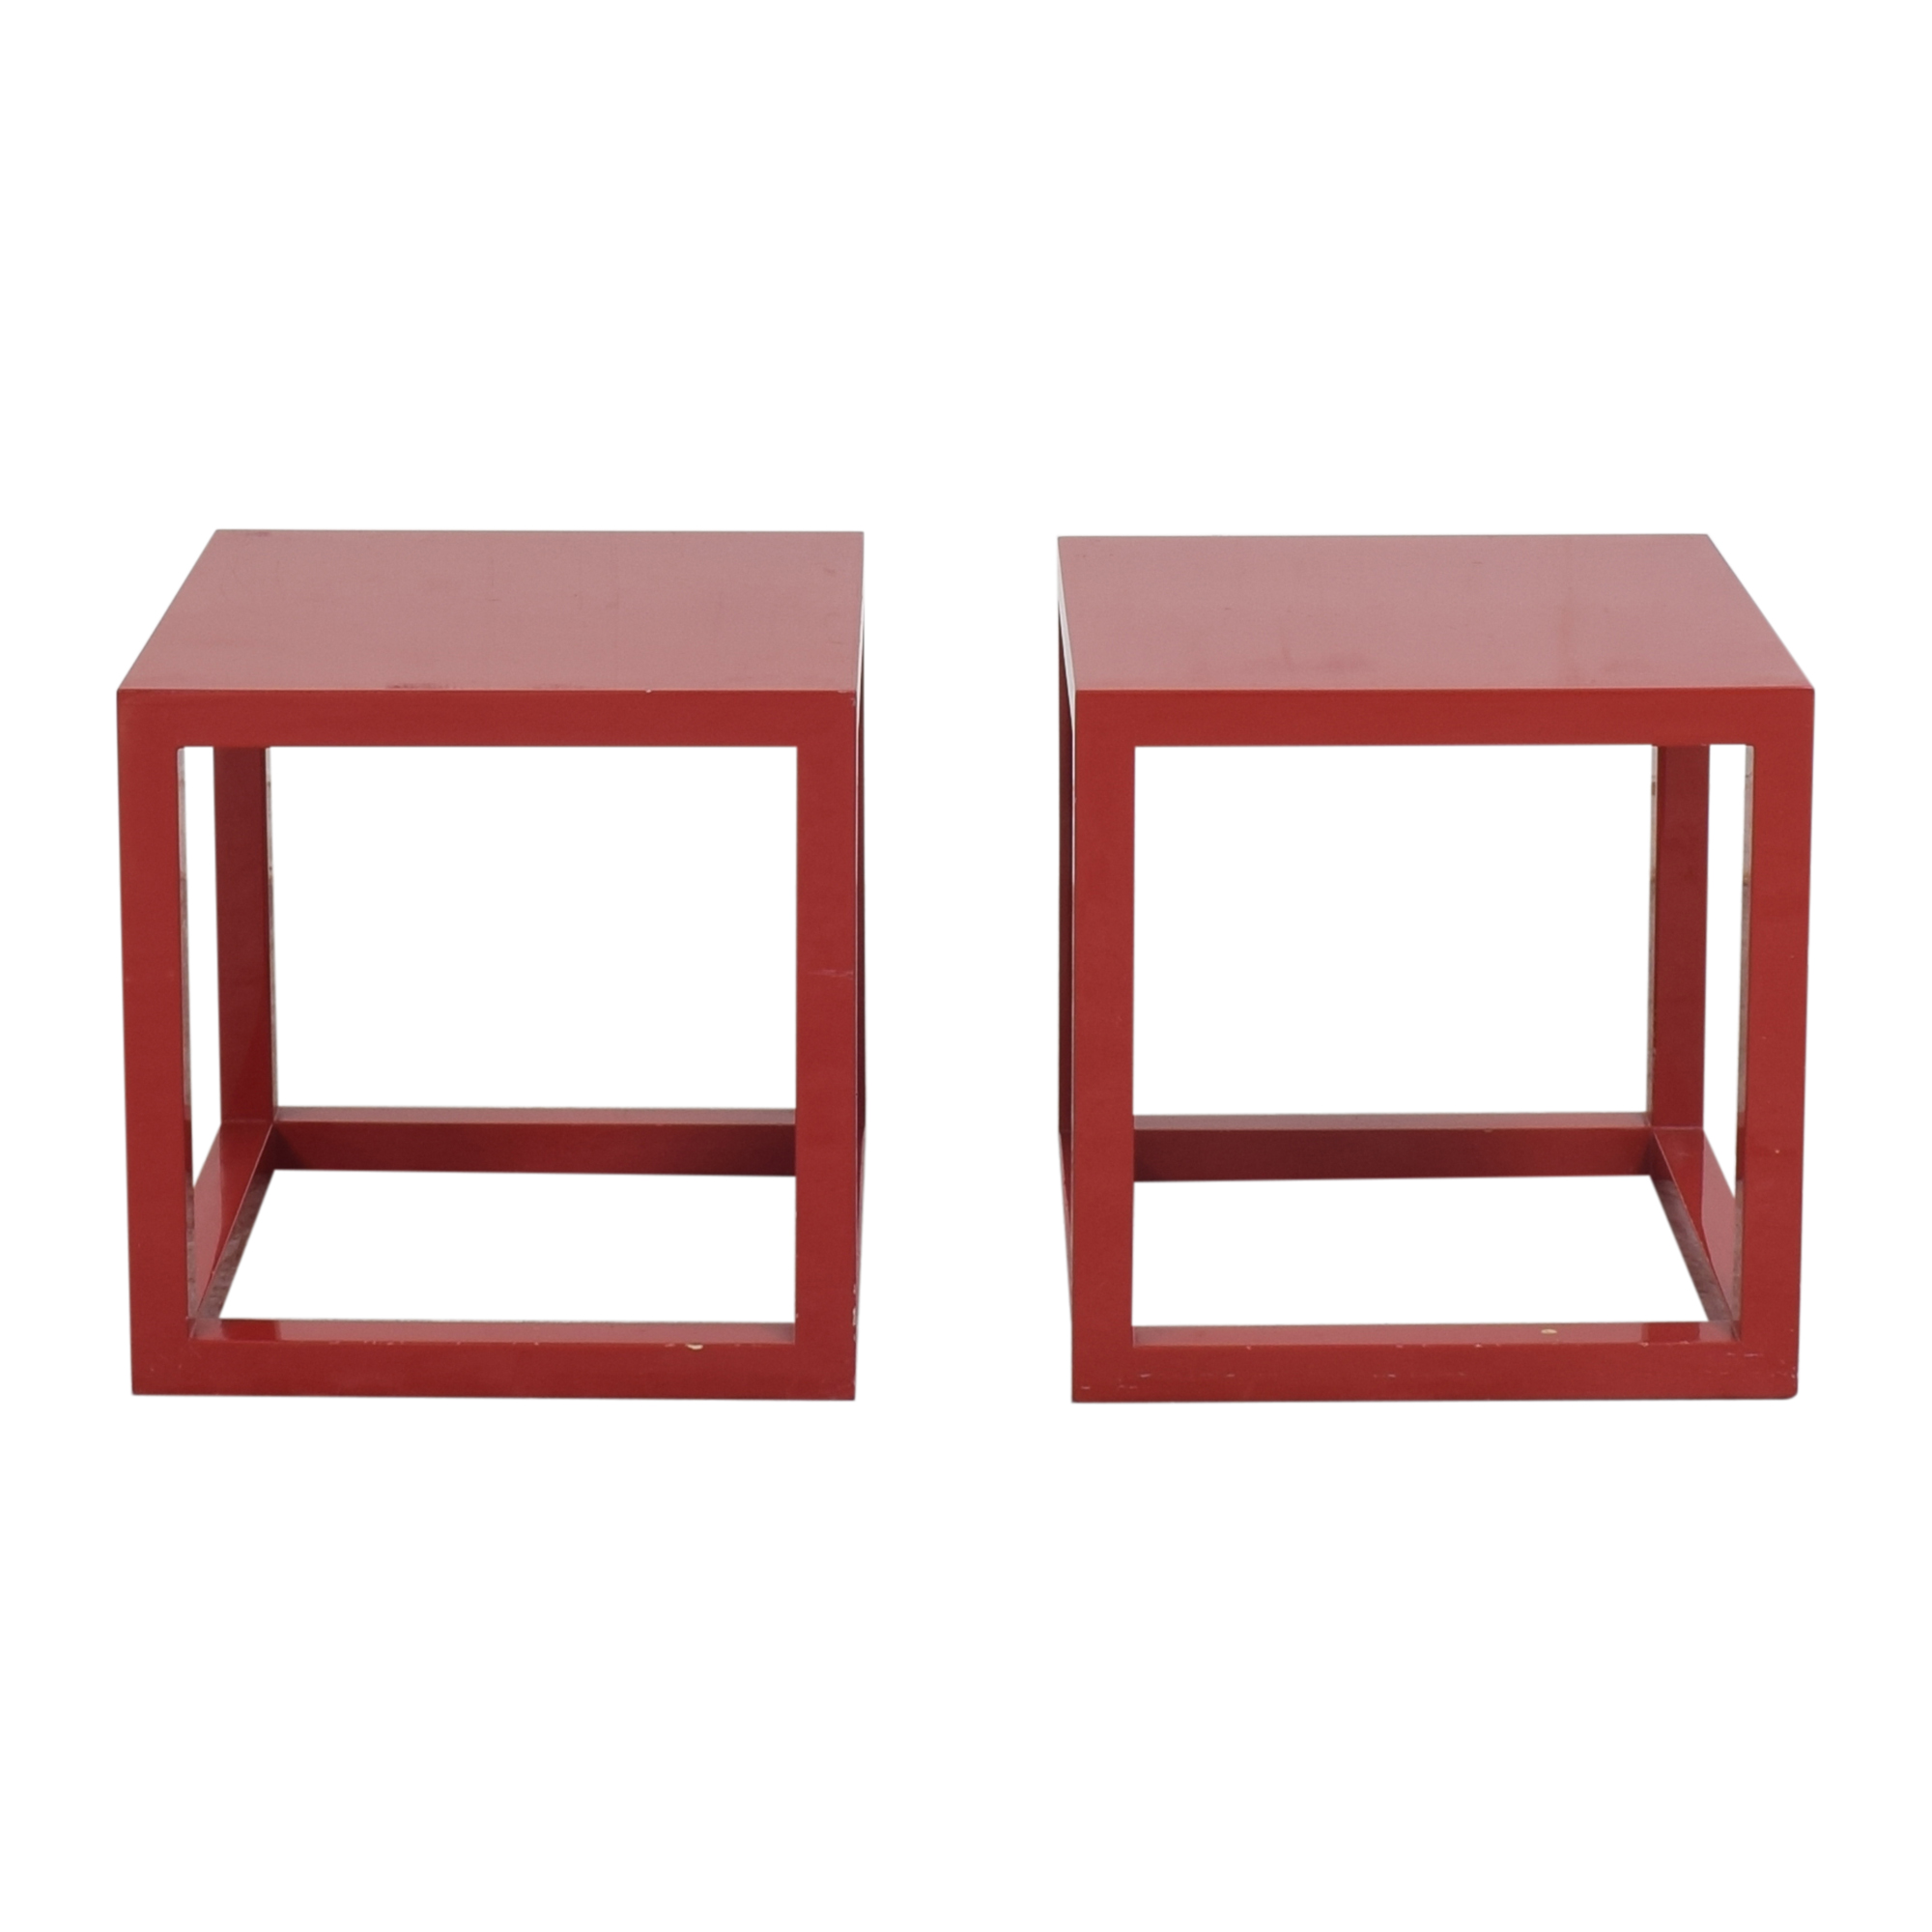 Jonathan Adler Jonathan Adler Cube Side Tables ma